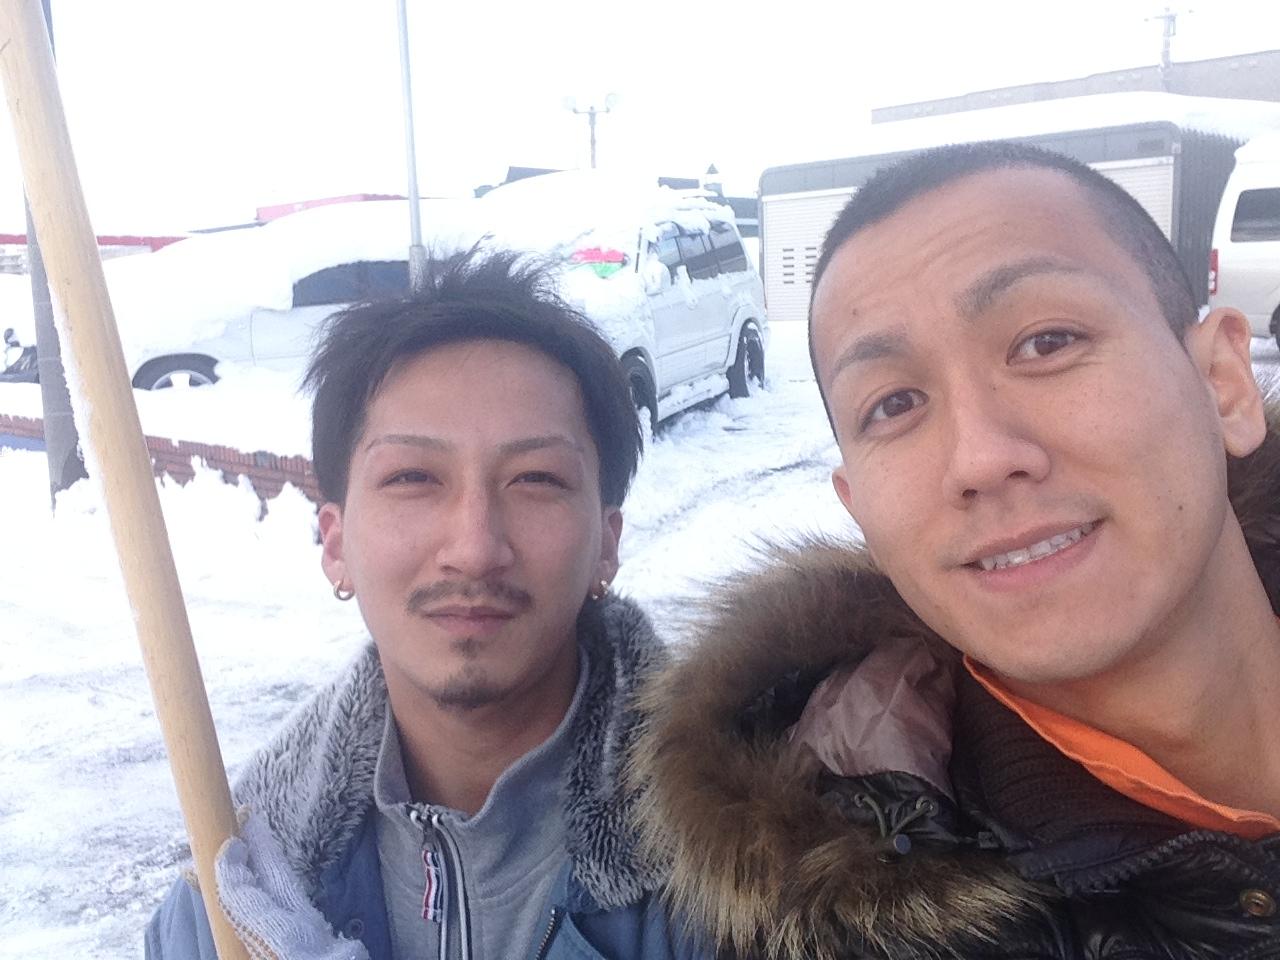 東京オートサロン準備の予定が除雪始めに、明寿ブログ、ランクル200ディーゼル_b0127002_2042984.jpg